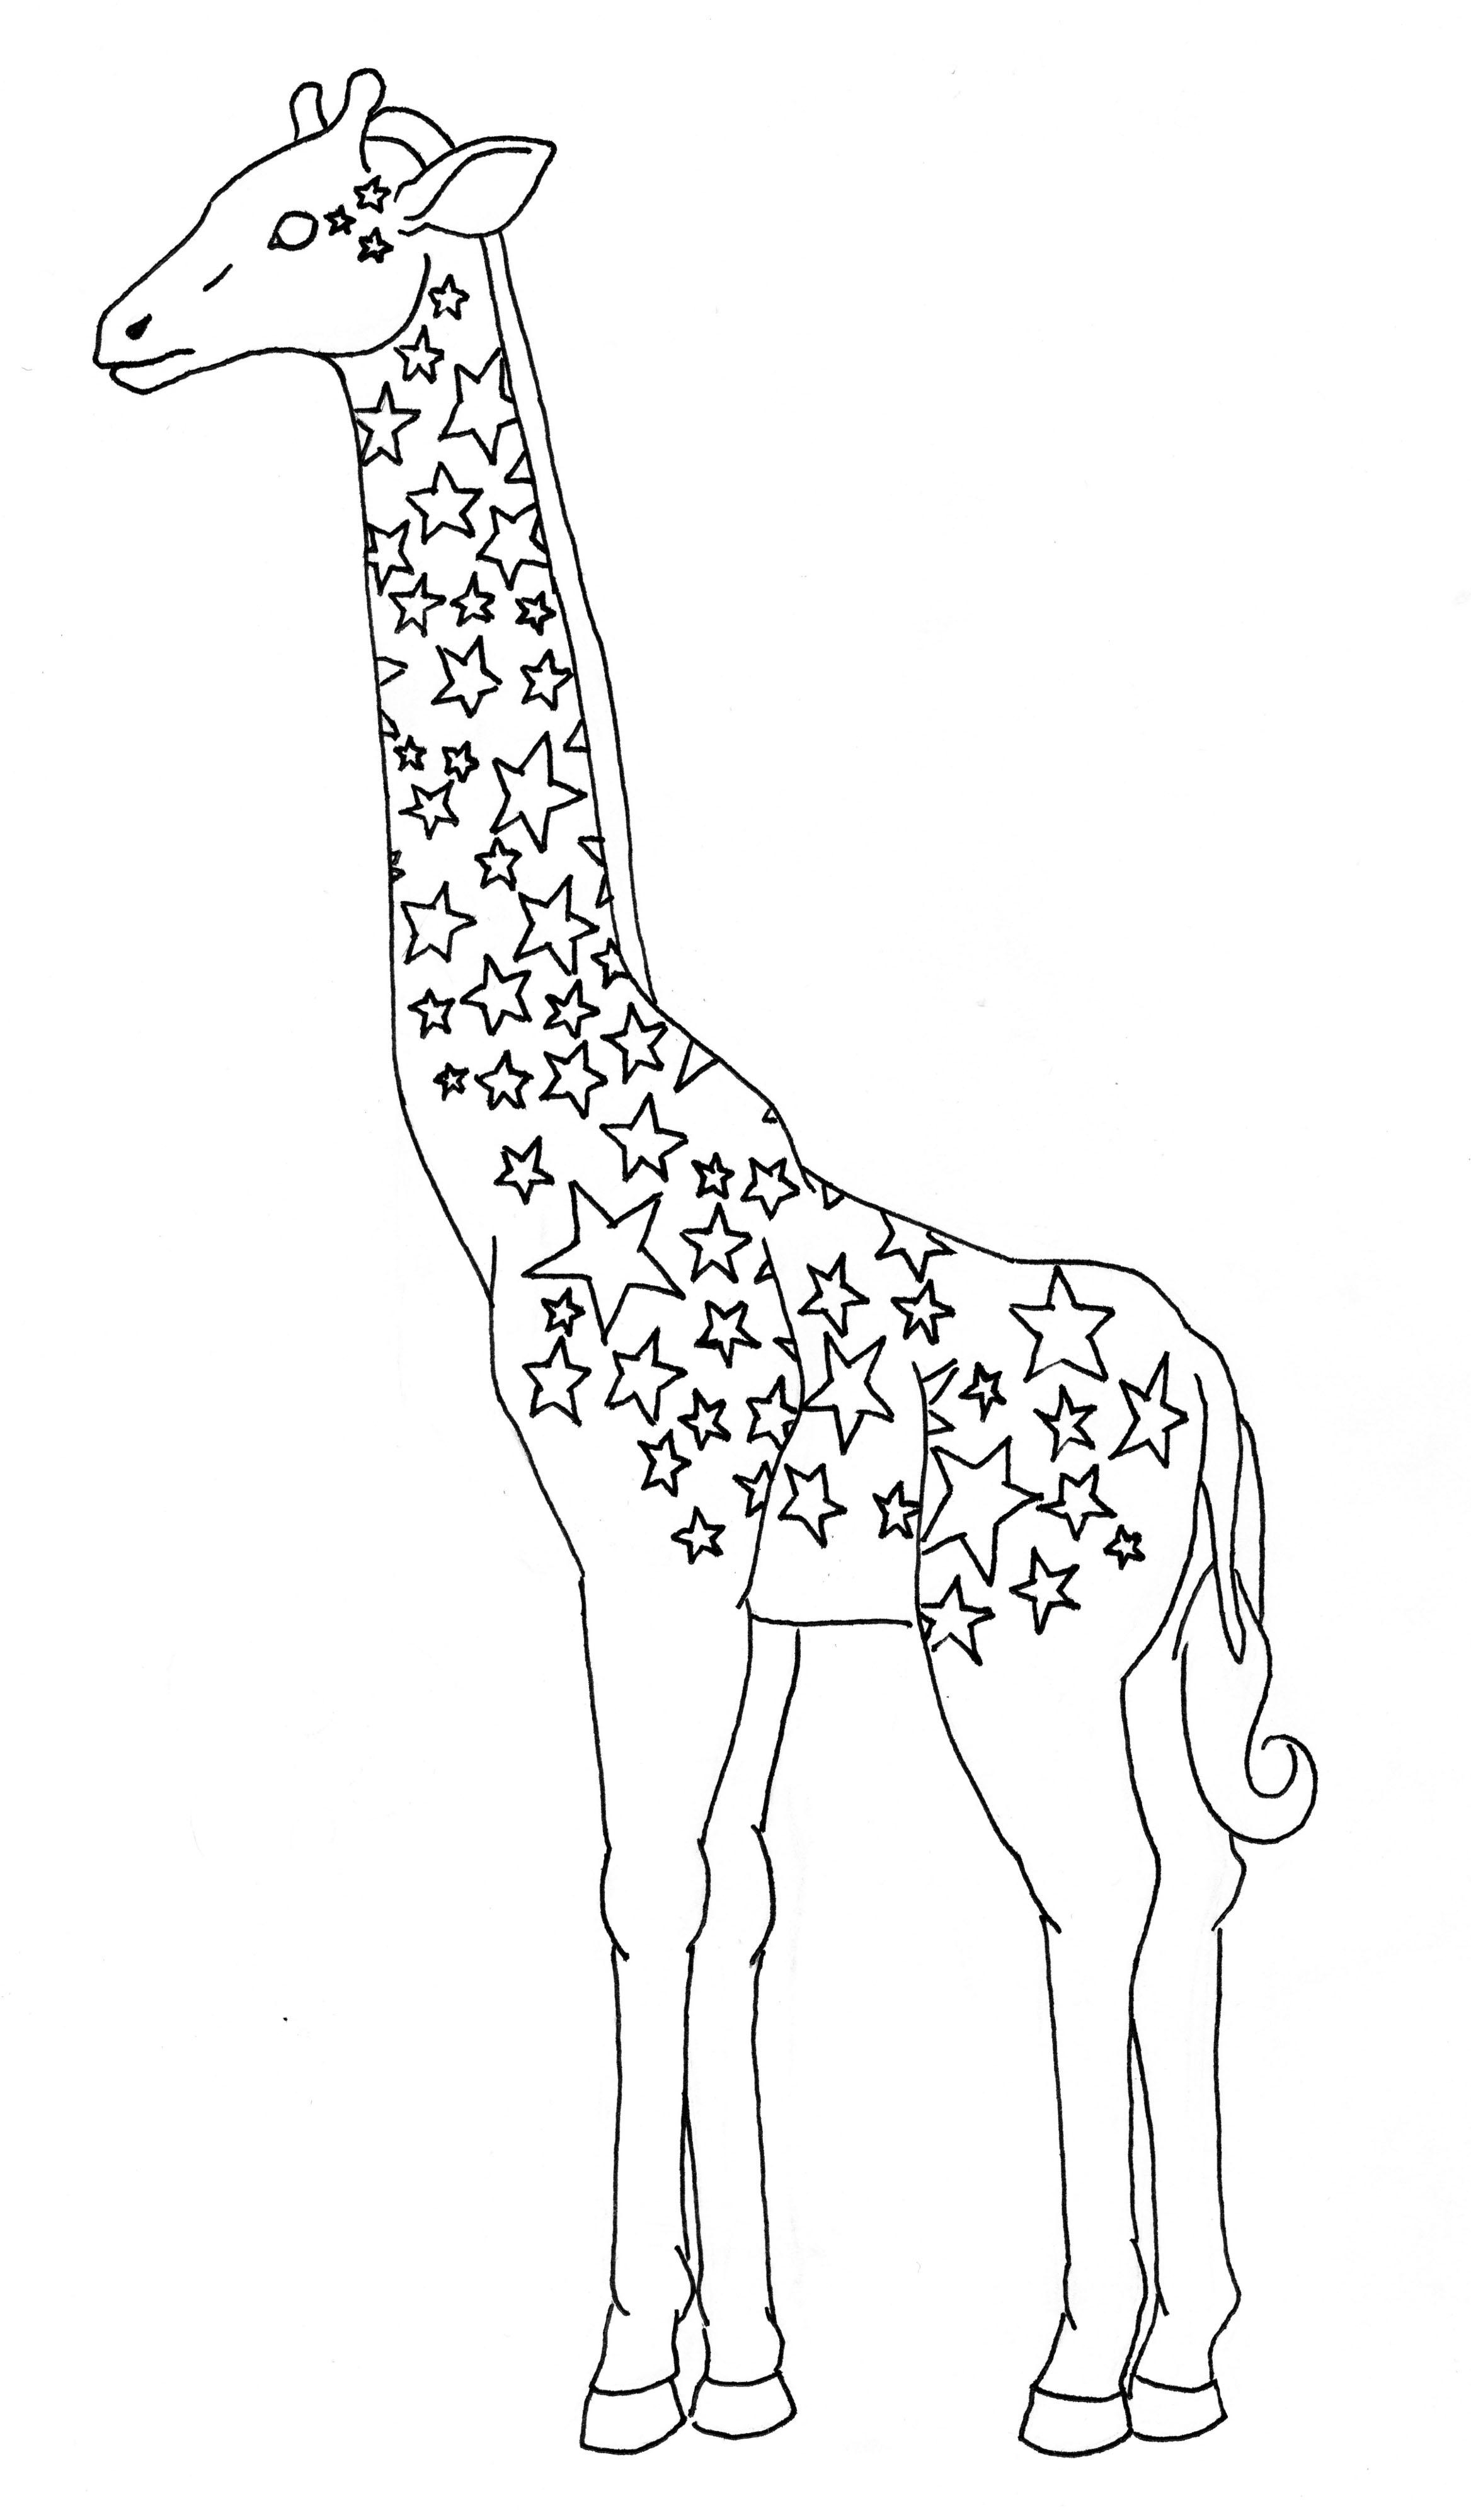 жираф картинка простая оно собрало себе